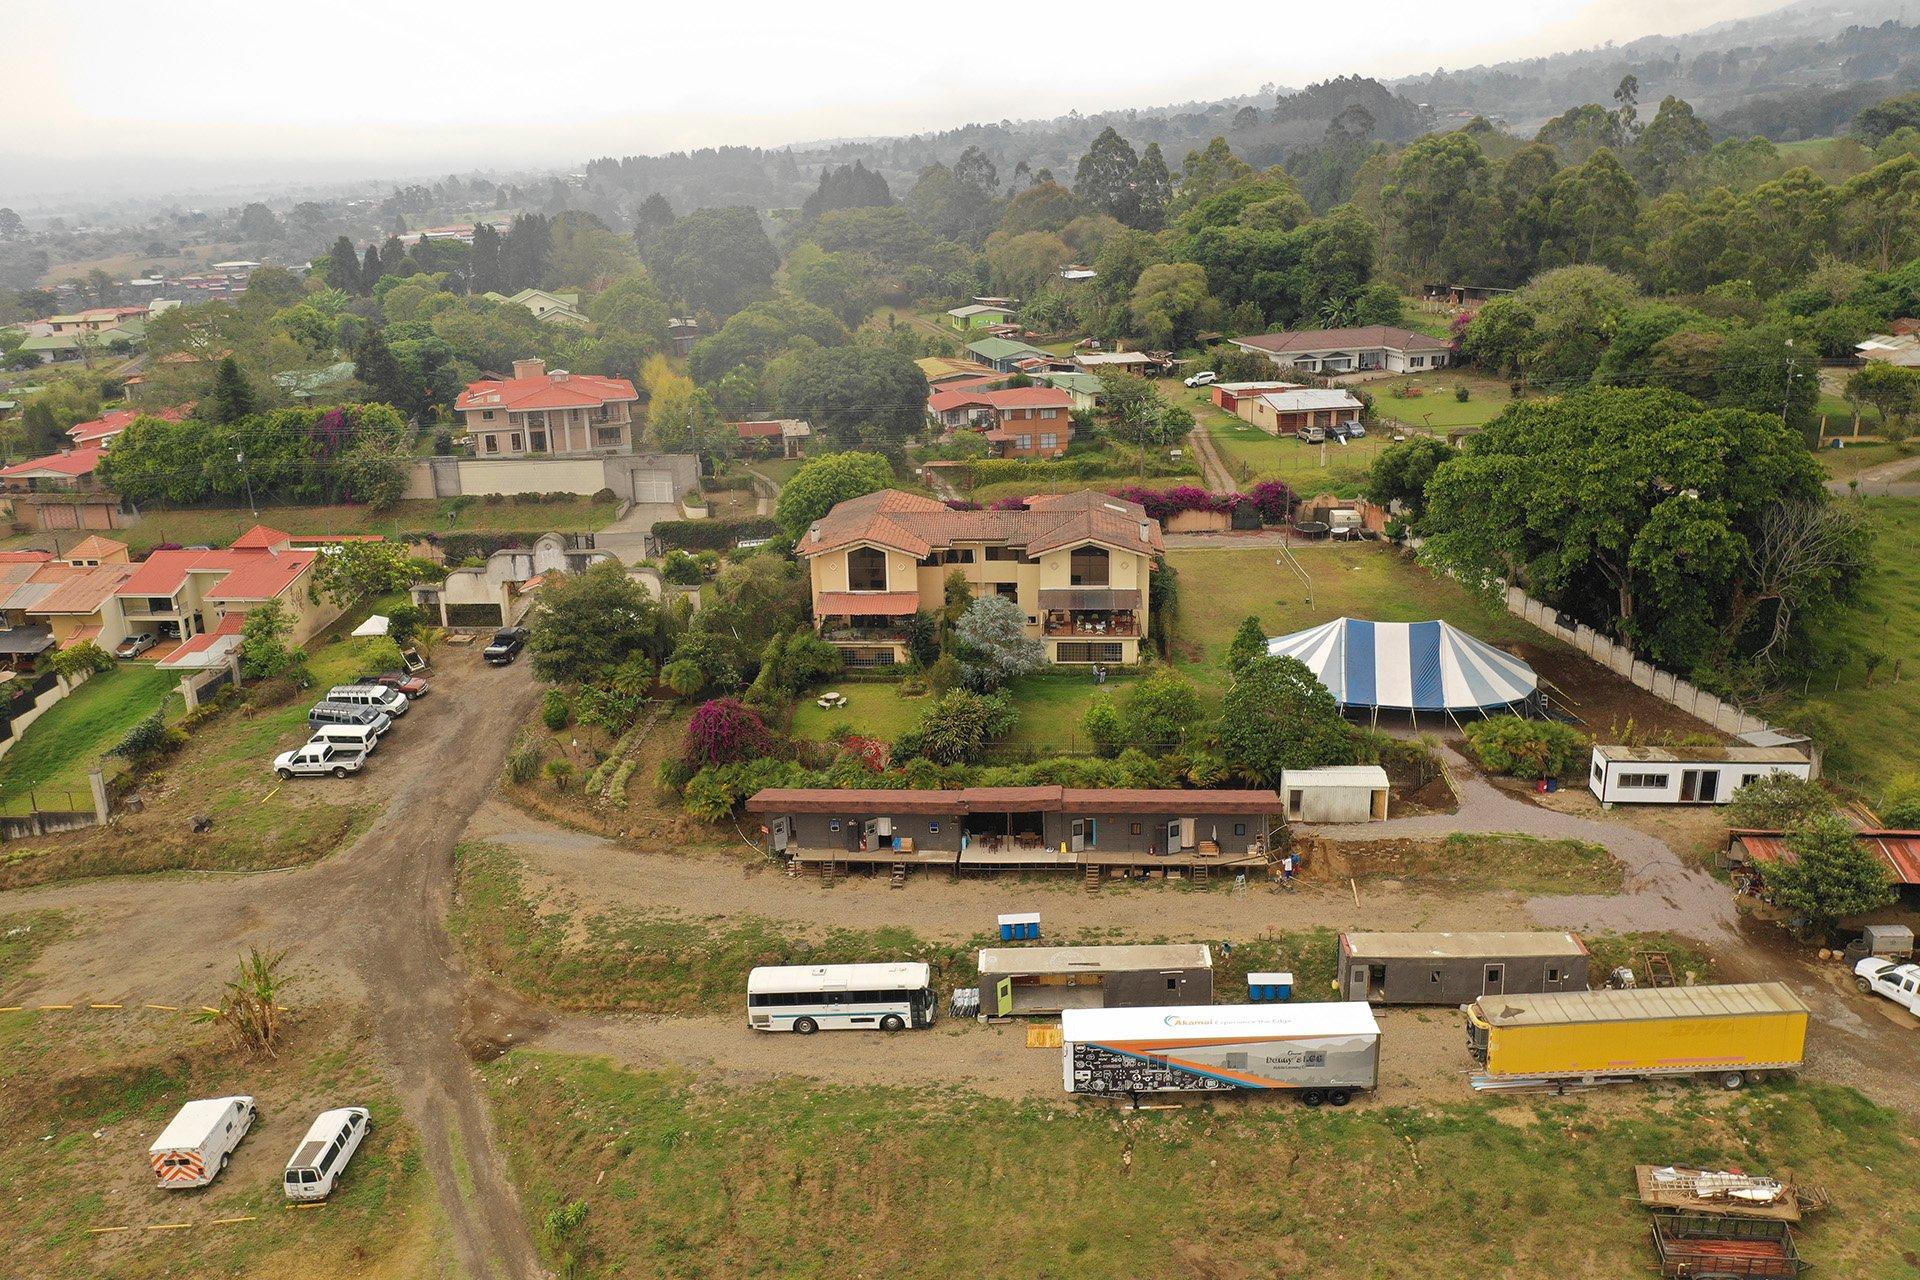 YWAM SJ Aerial View 2